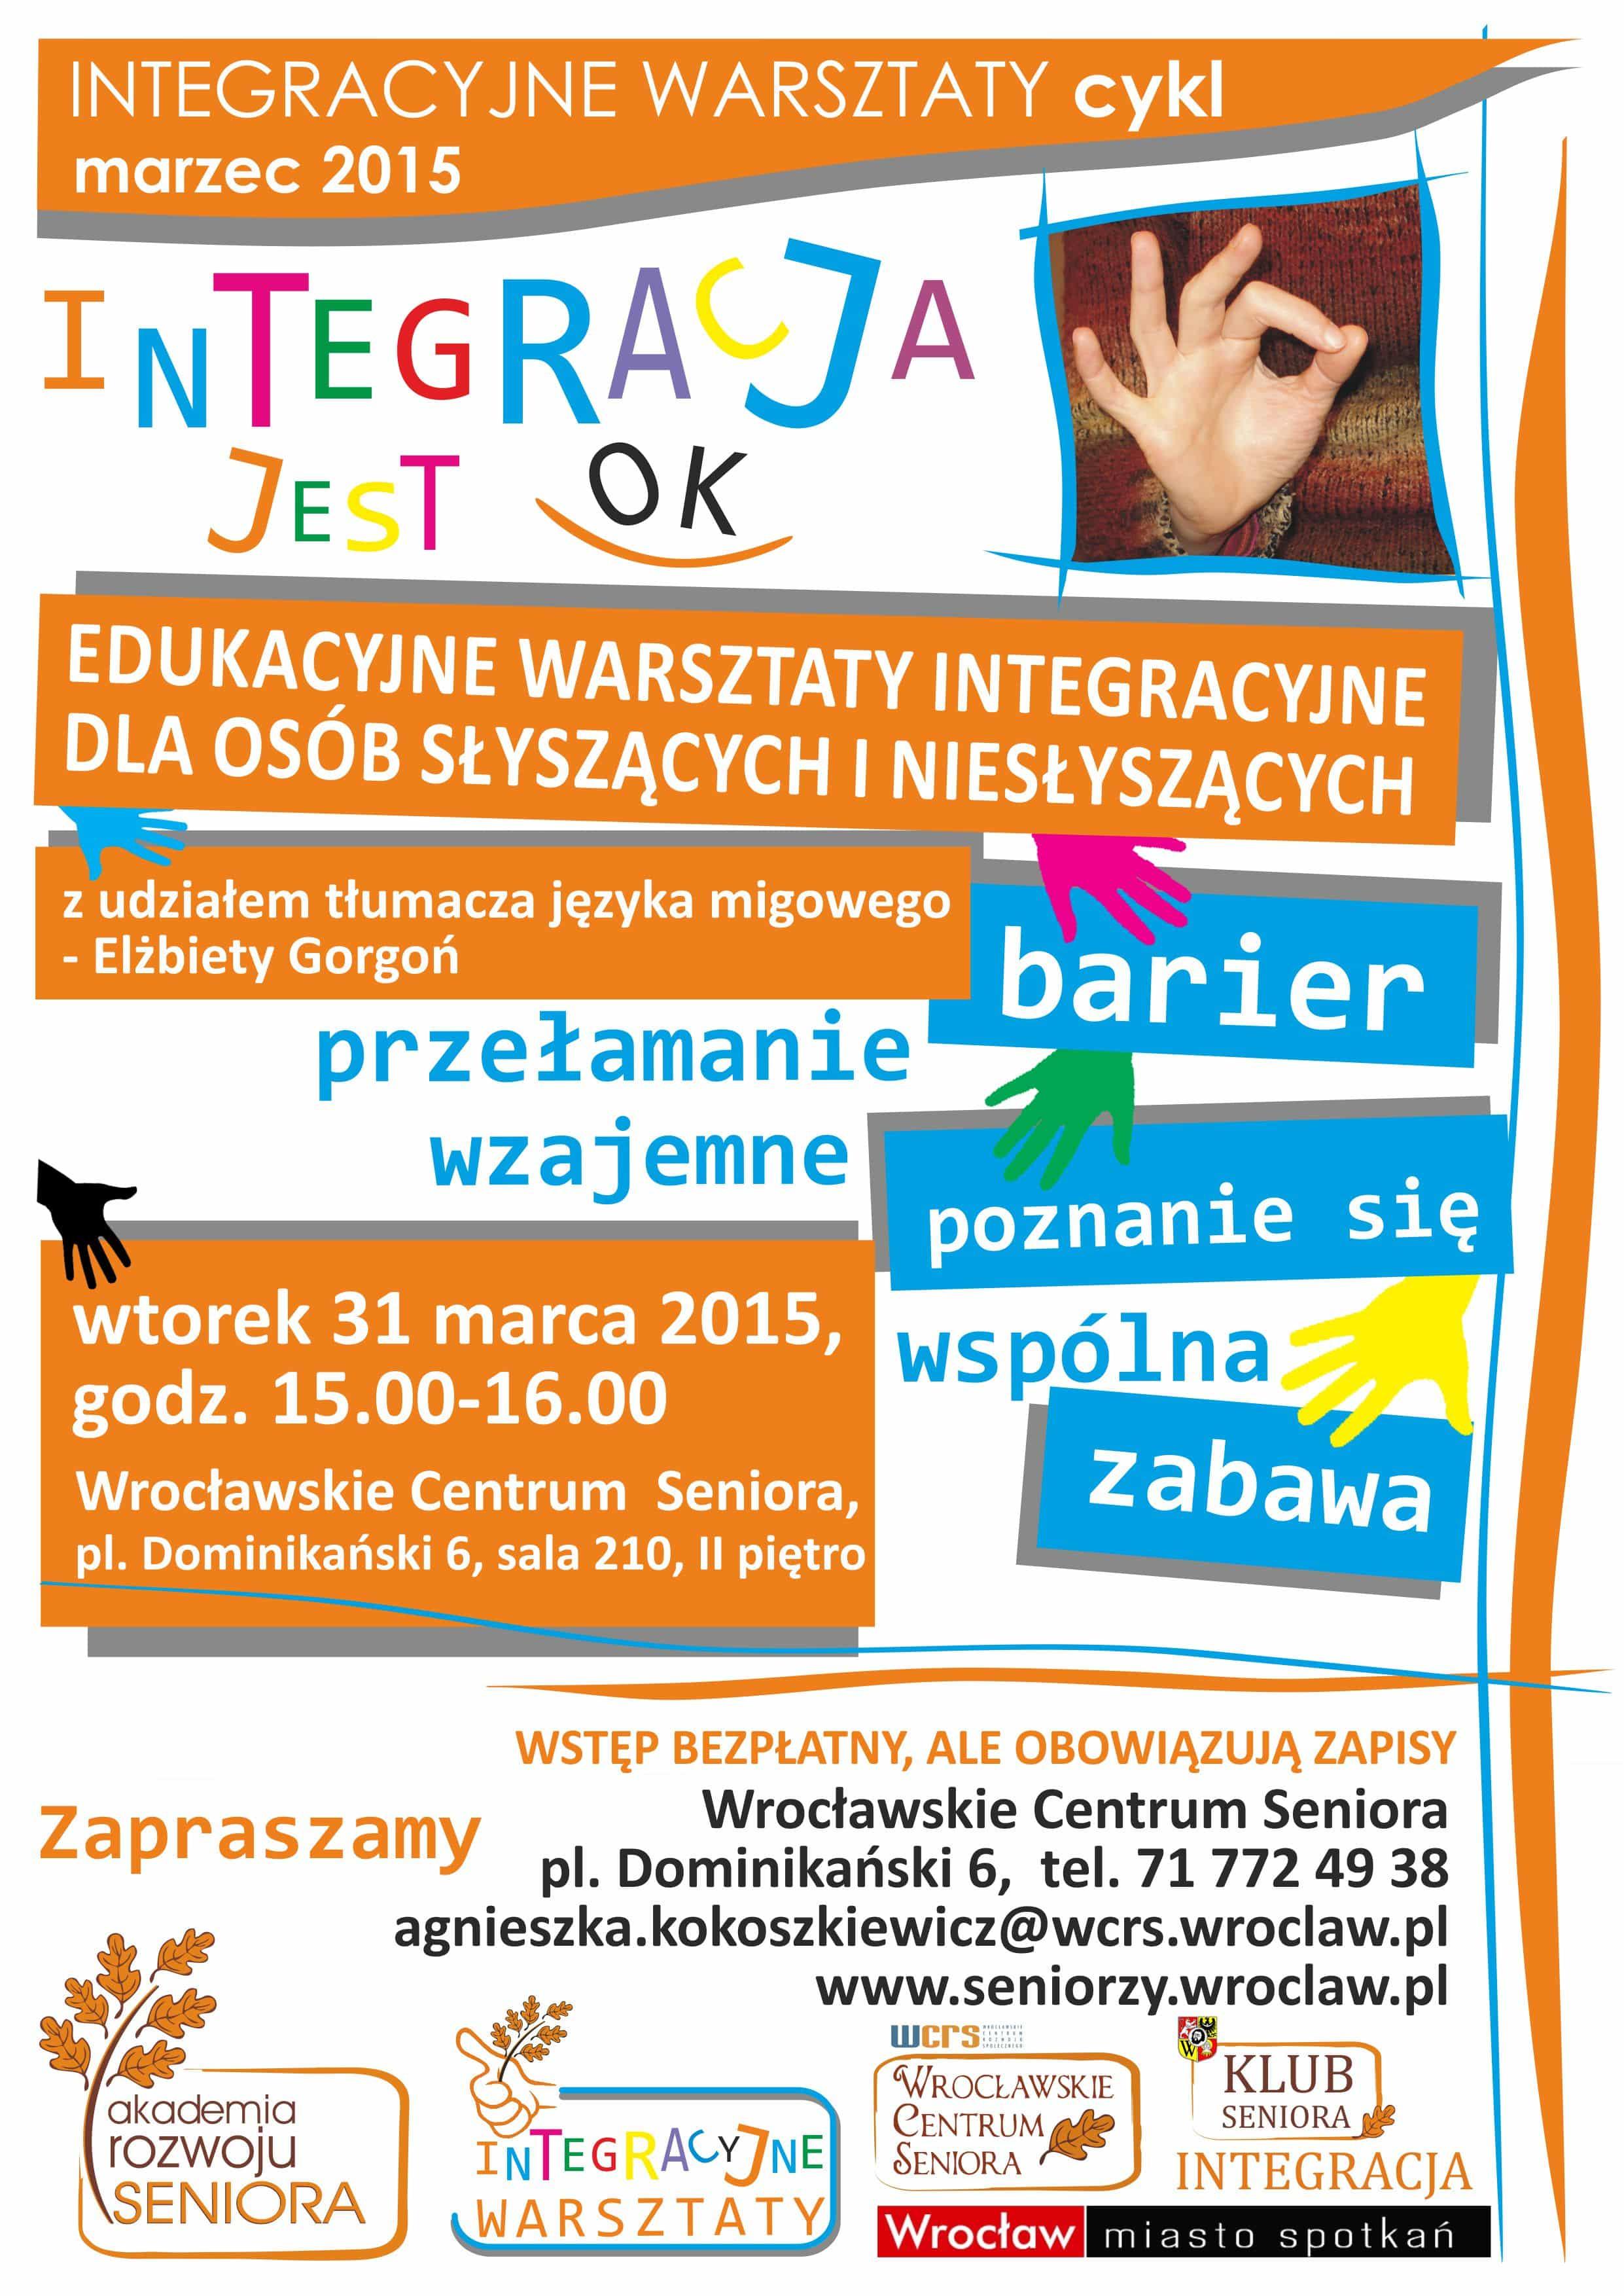 31.03.15_INTEGRAC_WARSZTATY_01_plakat